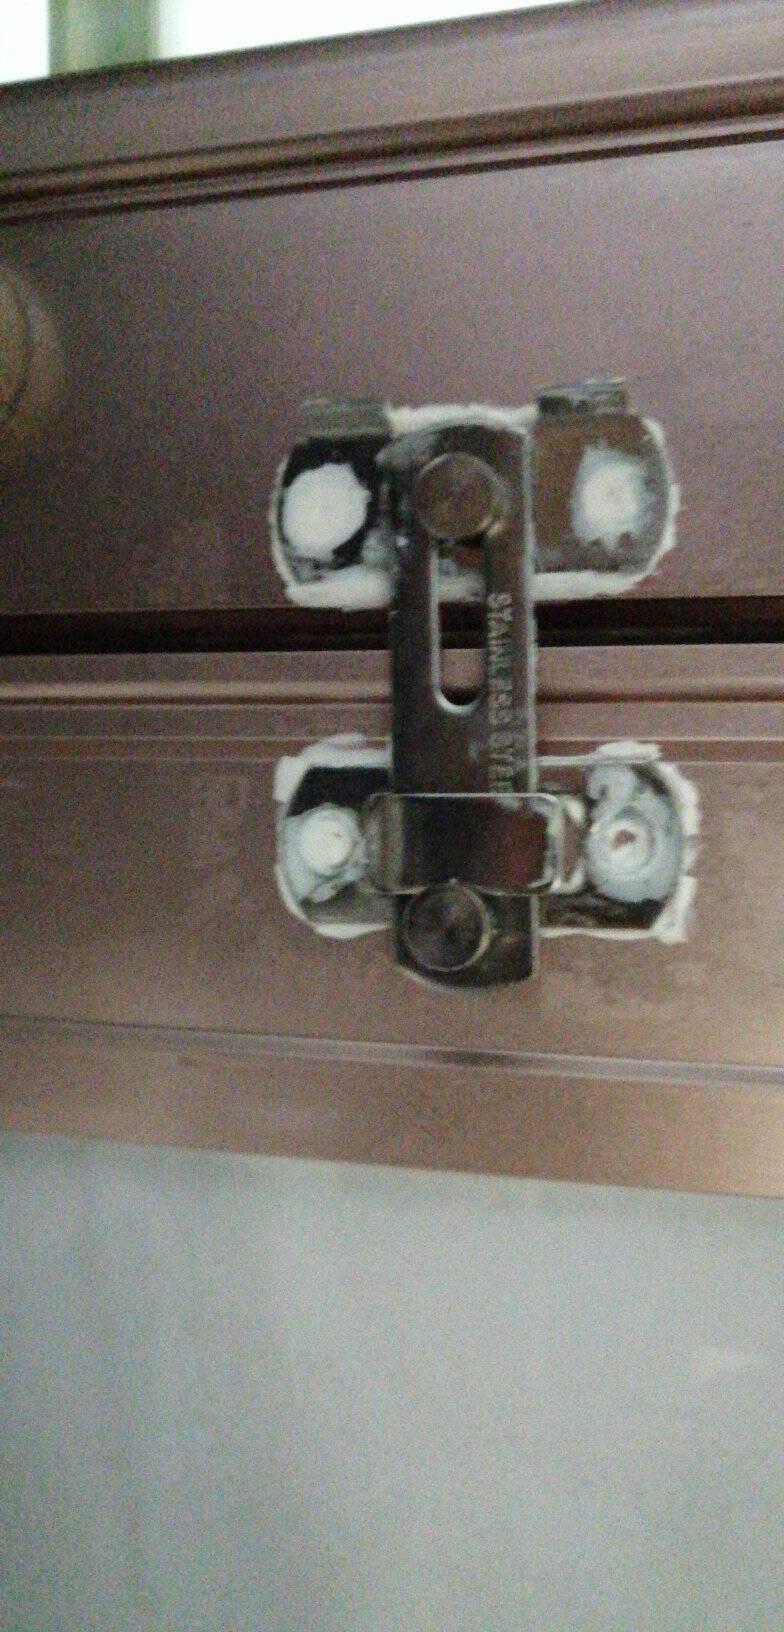 卡贝插销不锈钢推拉门锁明装门栓锁扣橱柜通用型木门窗门栓家用门简易平扣插销SK01-小小号平扣